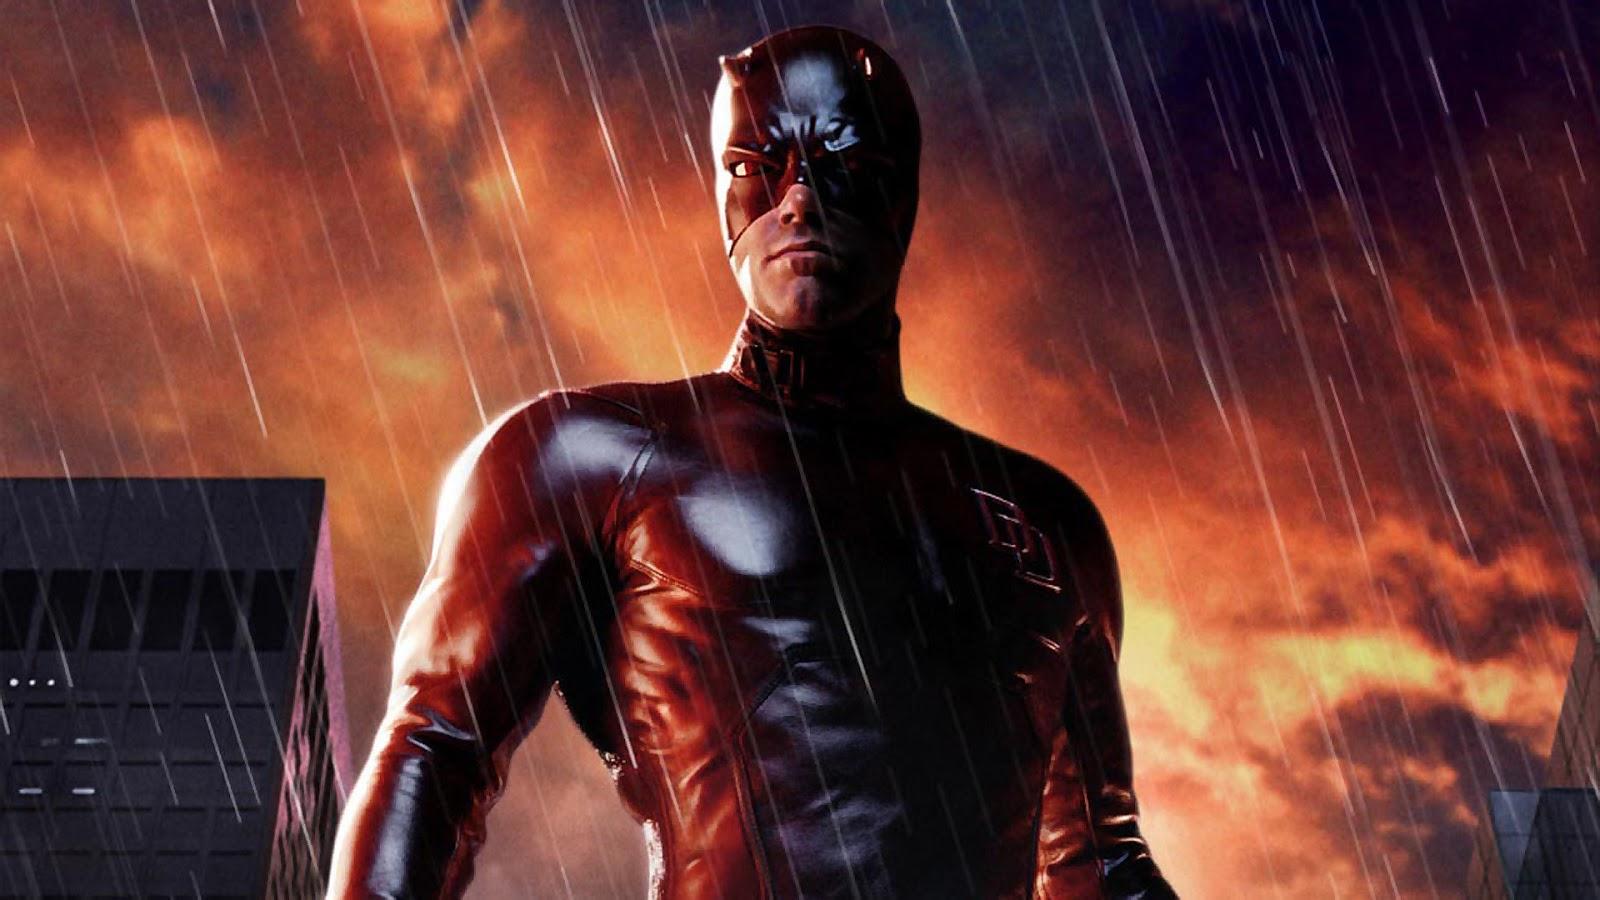 Ben Affleck: Nienawidzę filmu Daredevil. Za to Netflix robi to świetnie